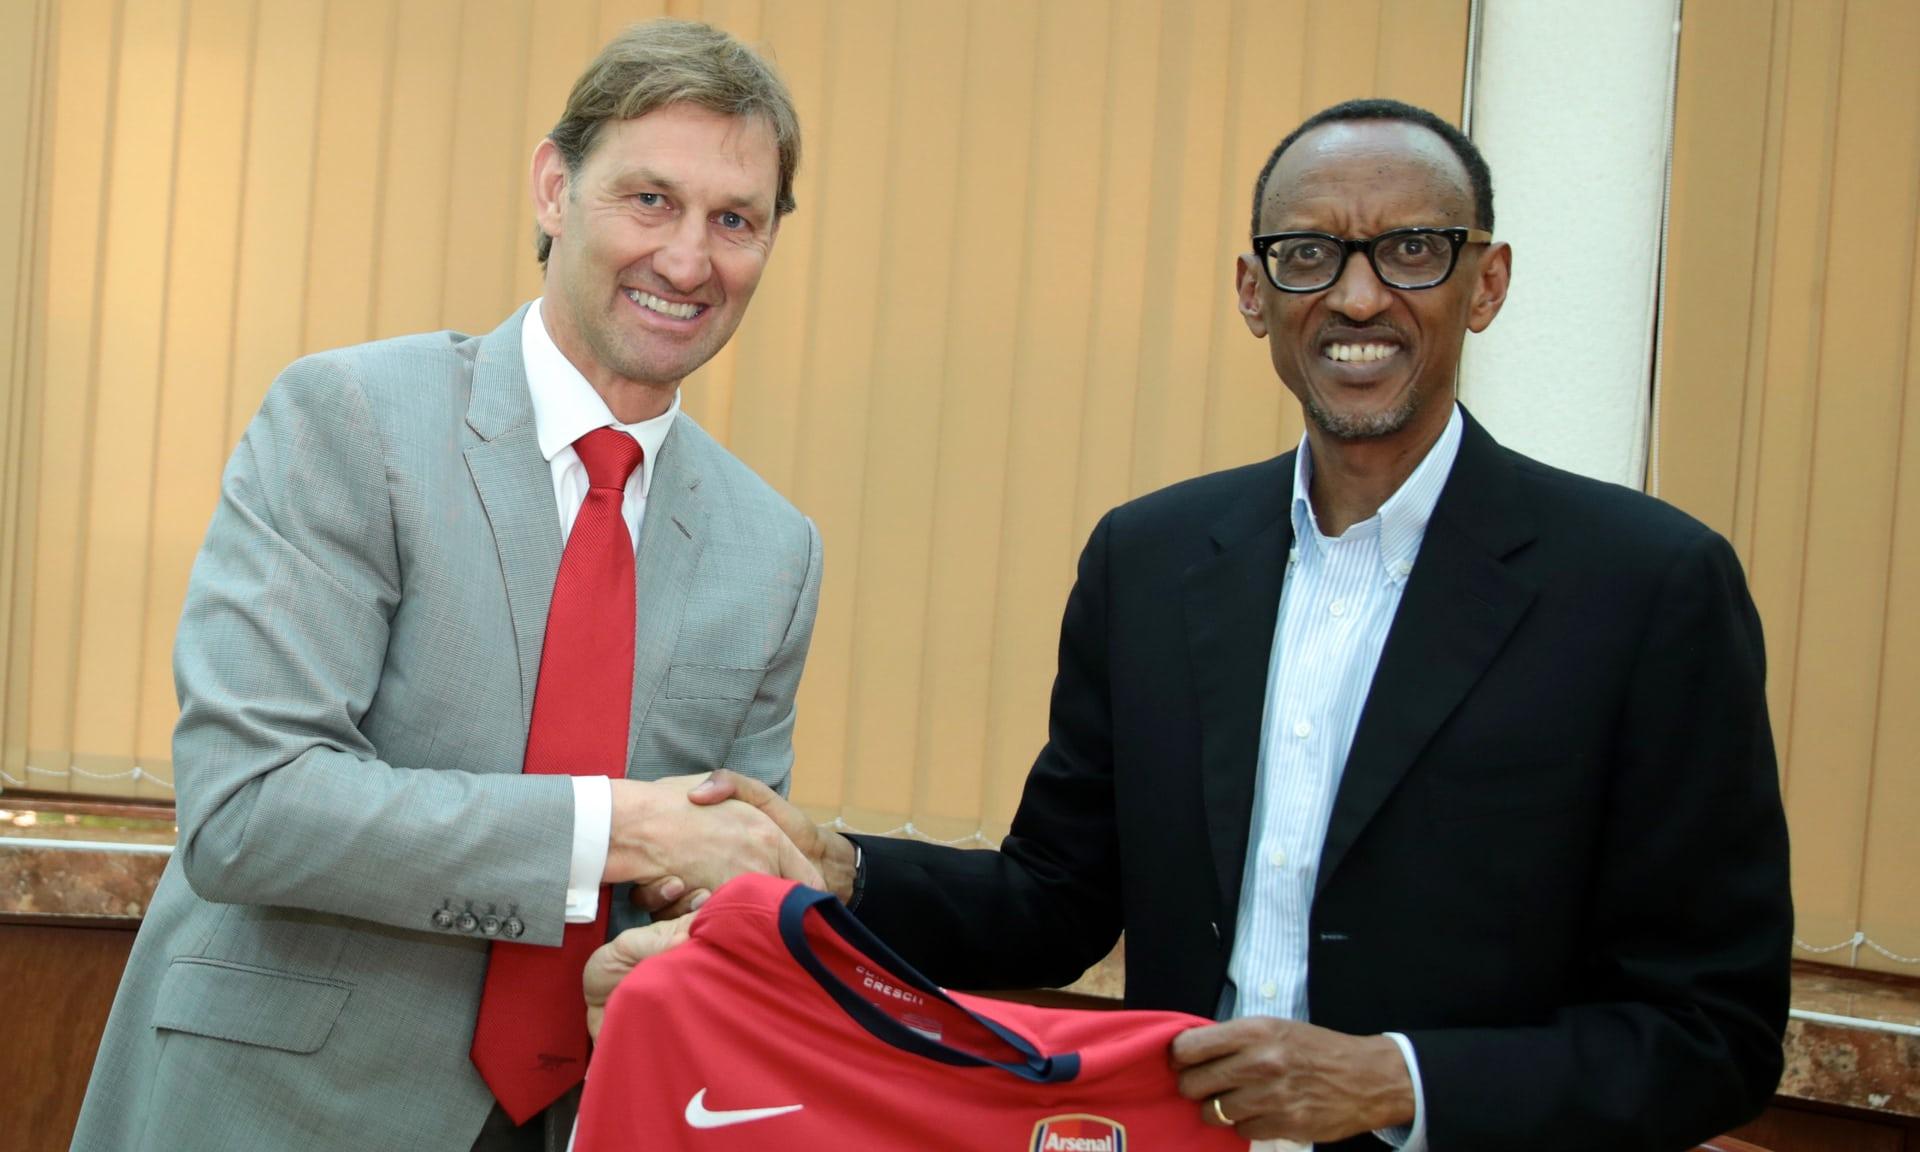 Cuando los pobres patrocinan a los ricos: el caso Ruanda y Arsenal FC